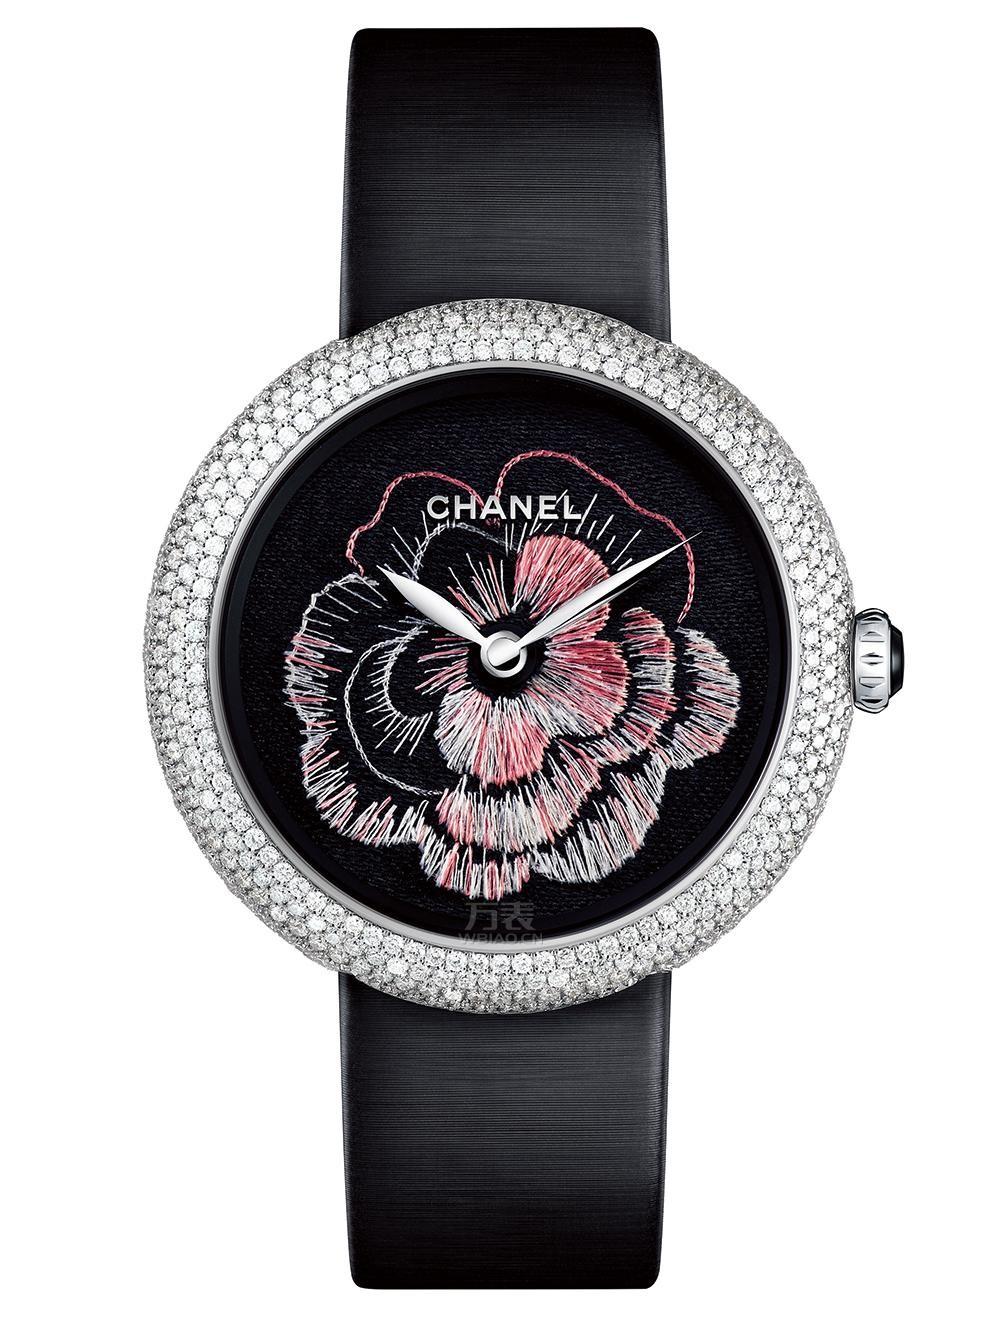 香奈儿Mademoiselle Privé系列Camélia Brodé针画刺绣山茶花腕表